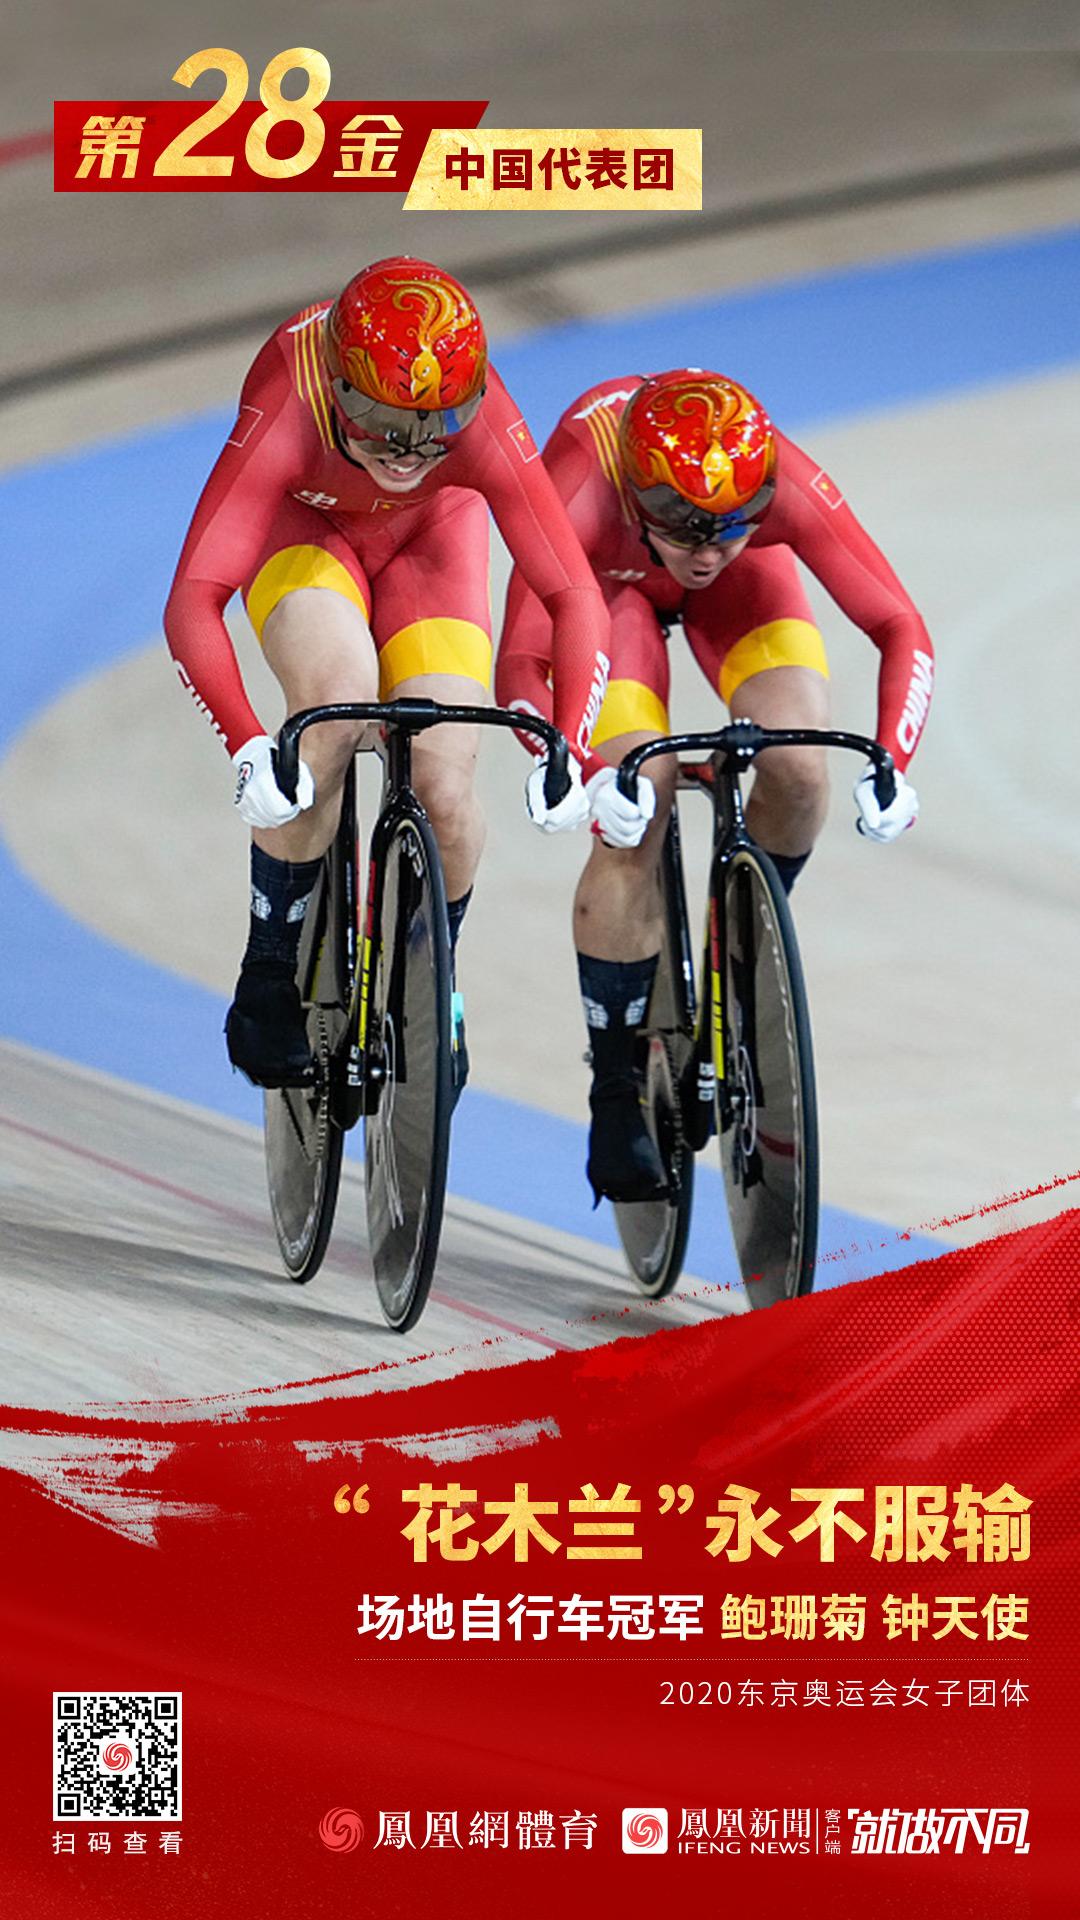 第28金!中国队卫冕自行车女团金牌 双人组仅领先亚军0.085秒